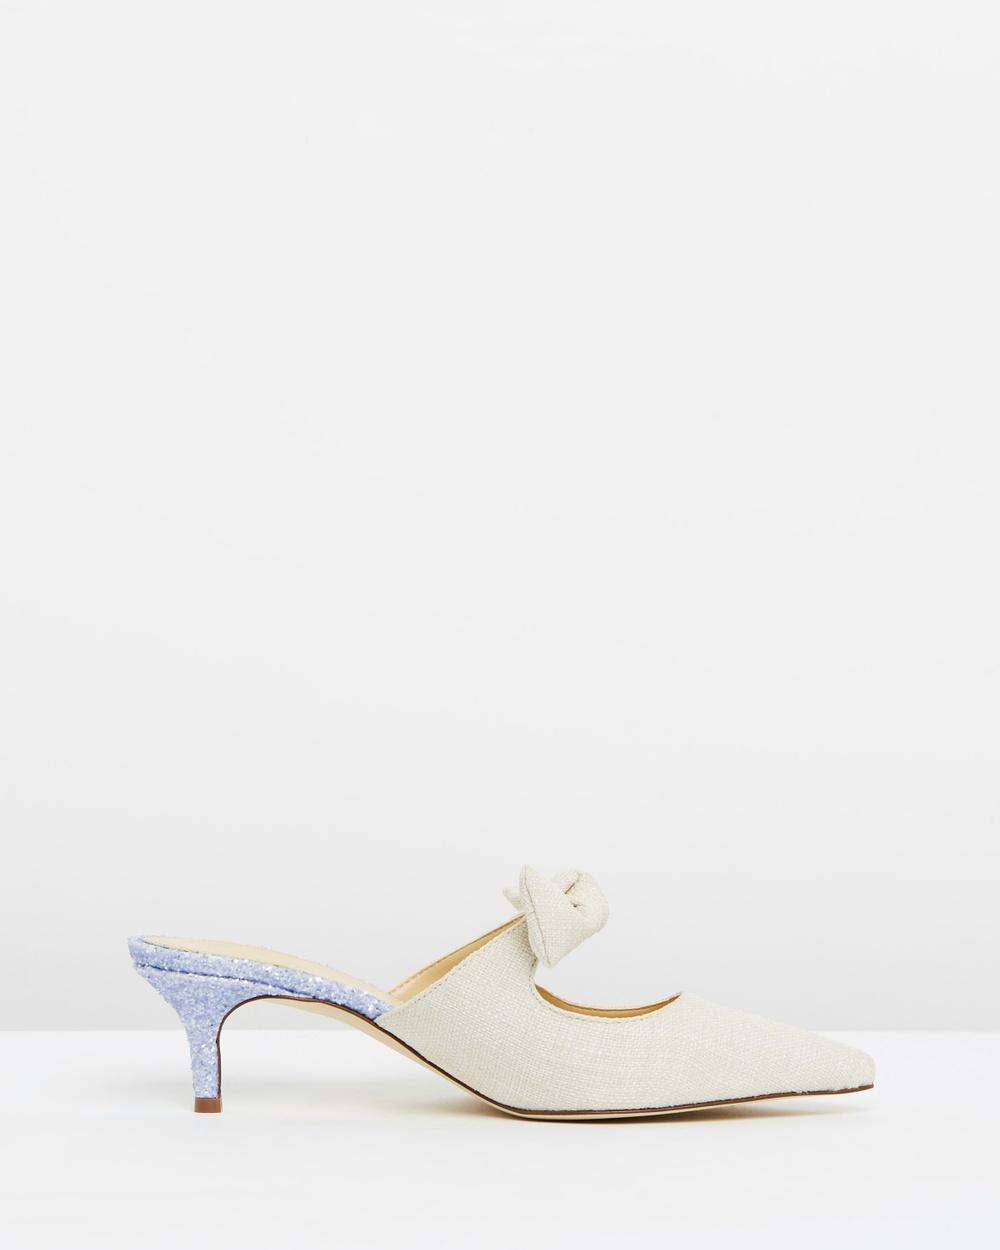 J.Crew Tie Slide Eloise Pumps Mid-low heels Linen & Glitter Tie Slide Eloise Pumps